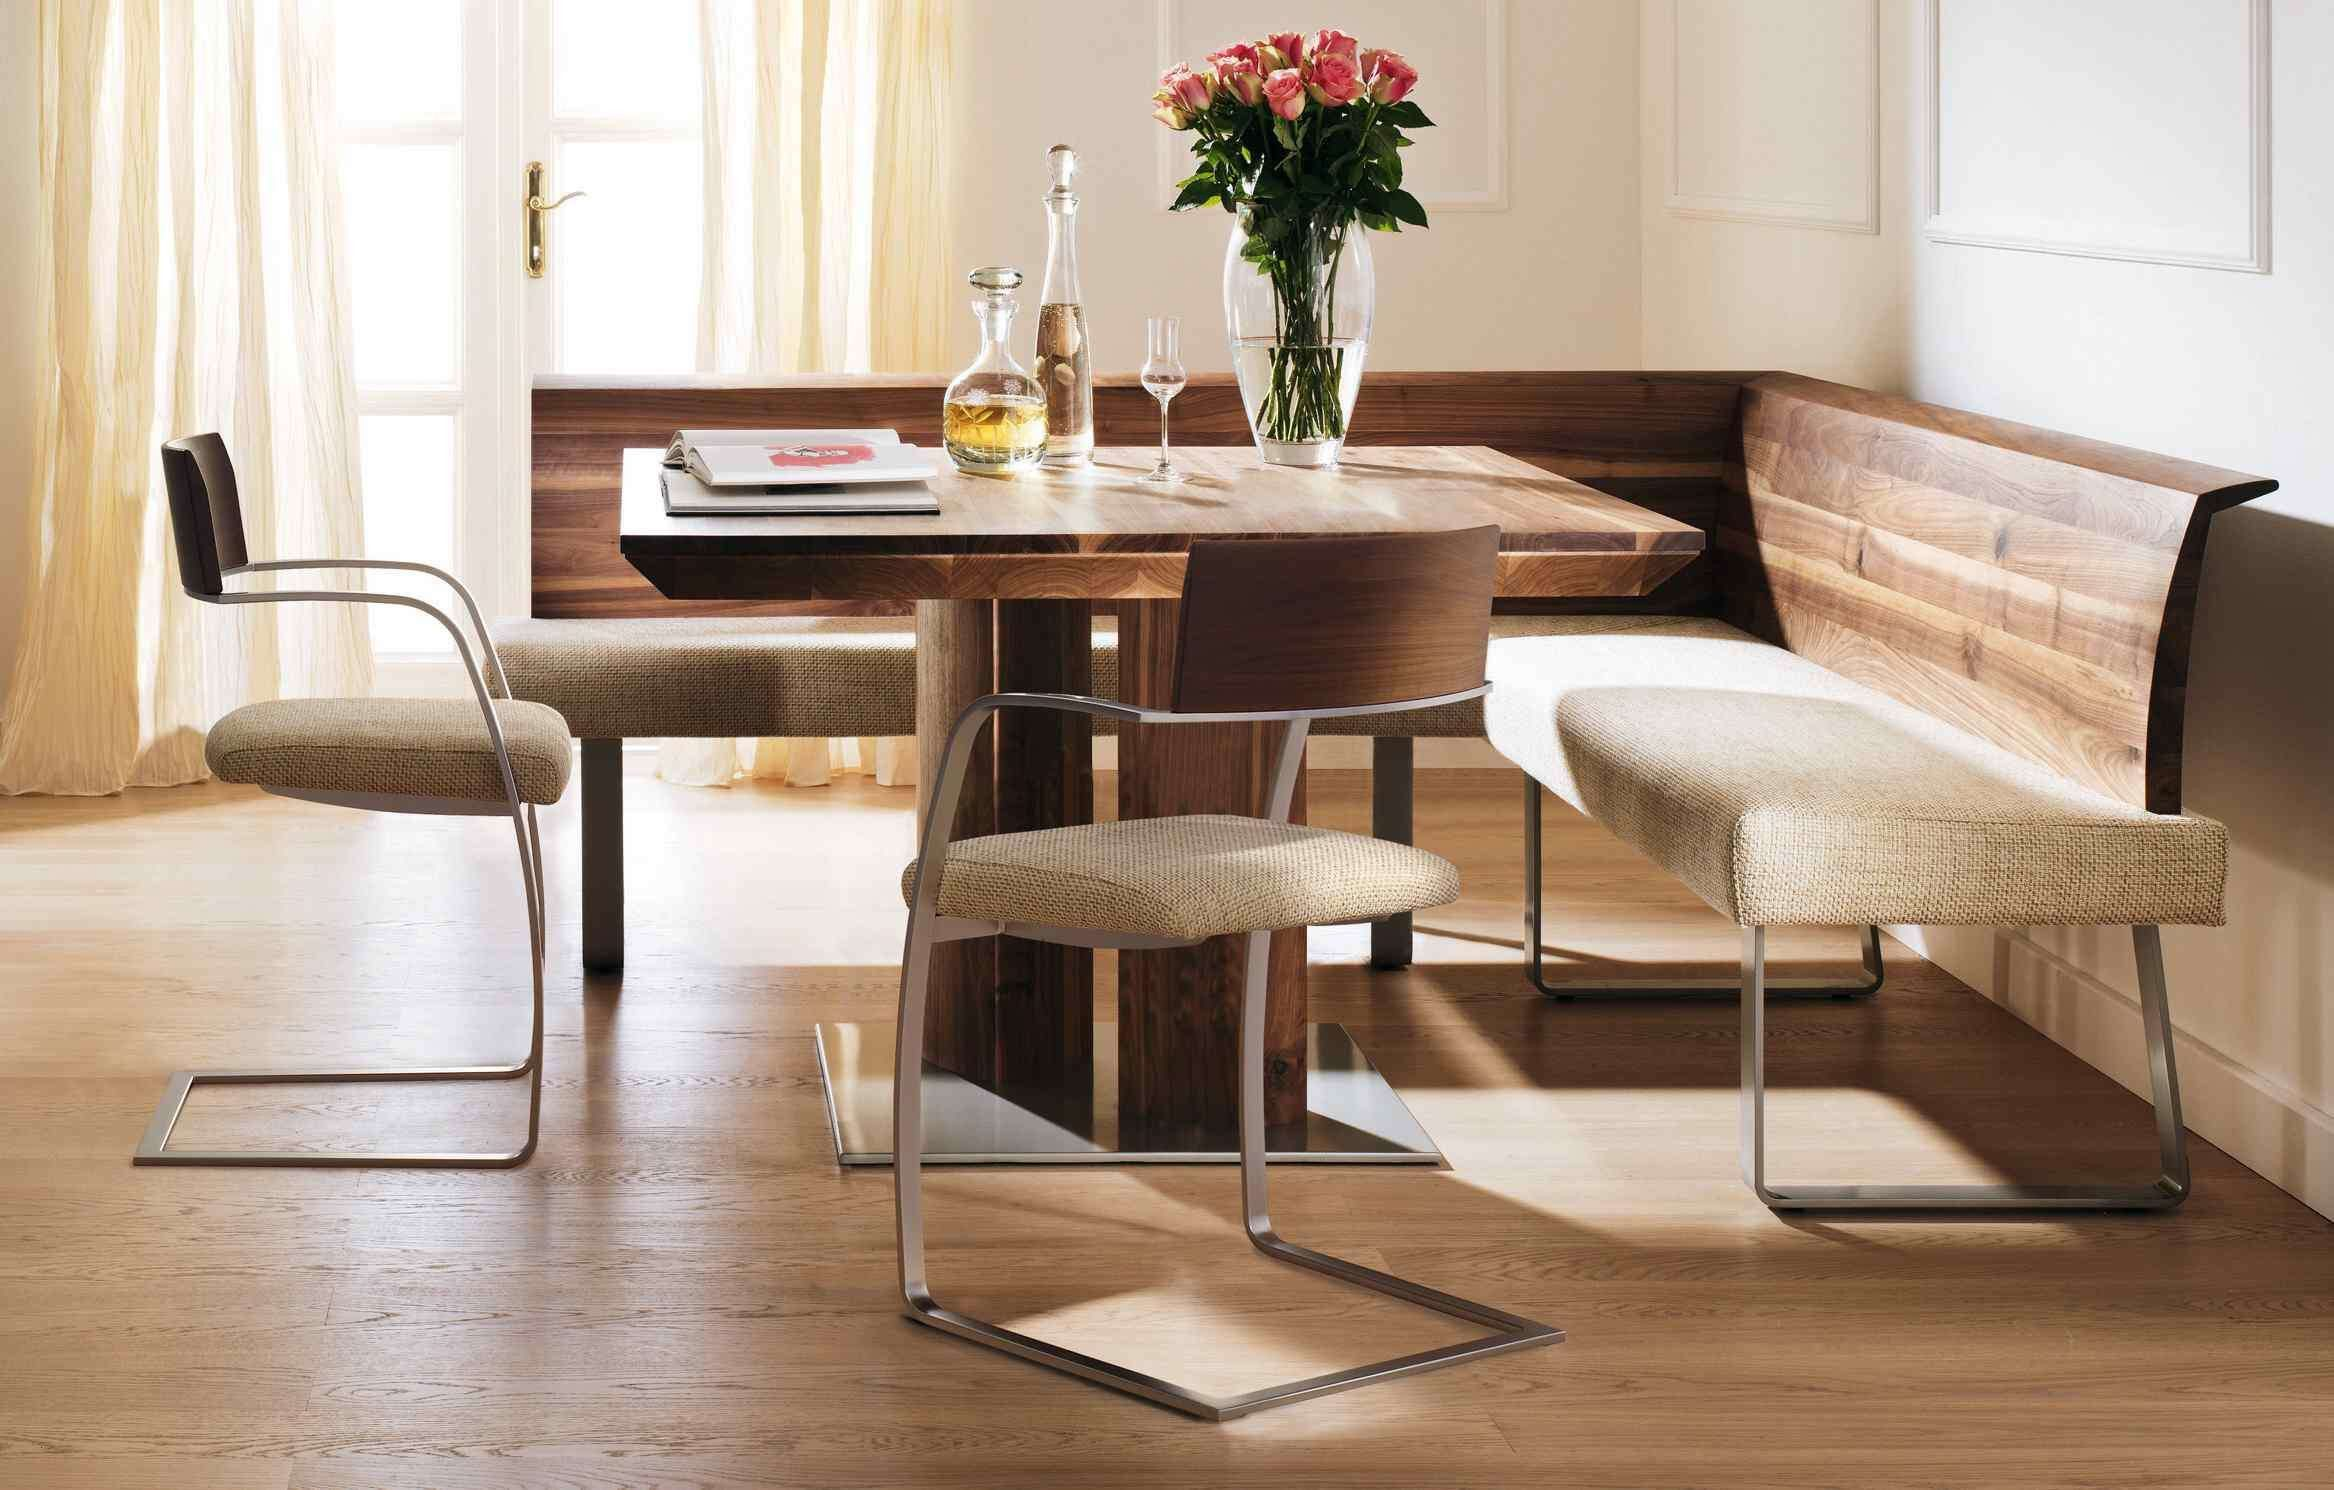 Ikea Tische Esszimmer Esszimmer Modern Wohn Esszimmer Eckbankgruppe Modern